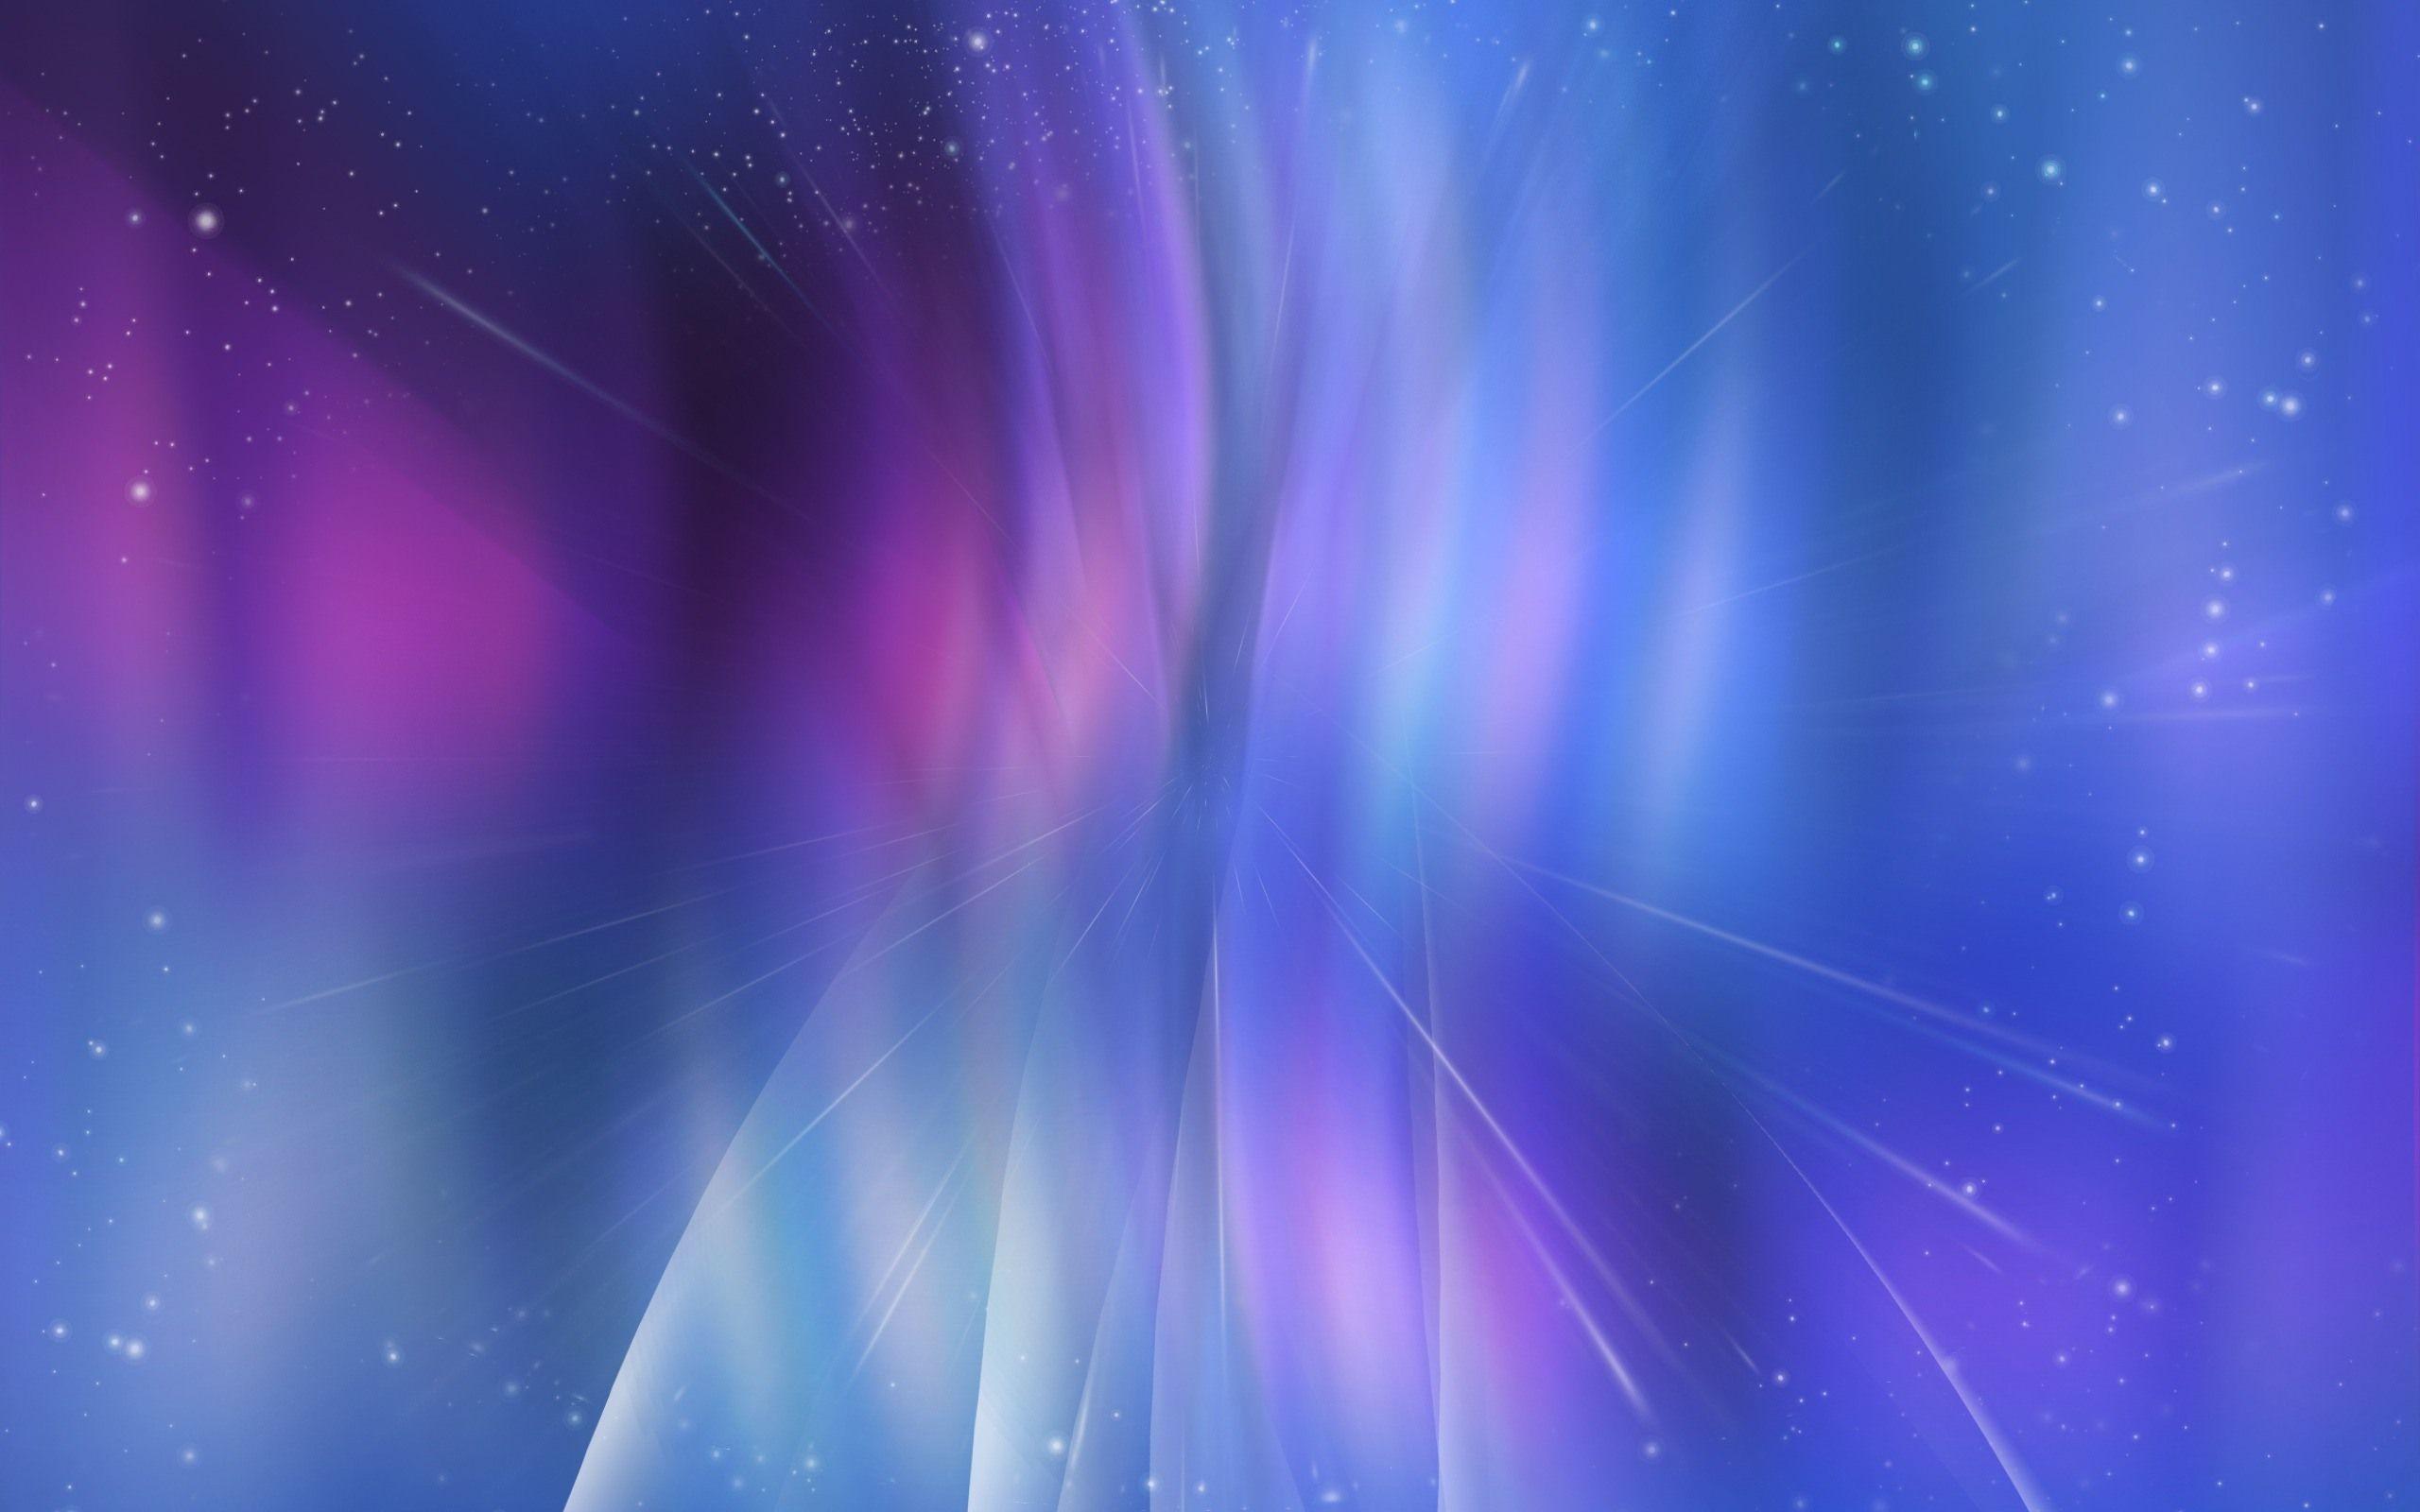 purple neon widow wallpaper - photo #48